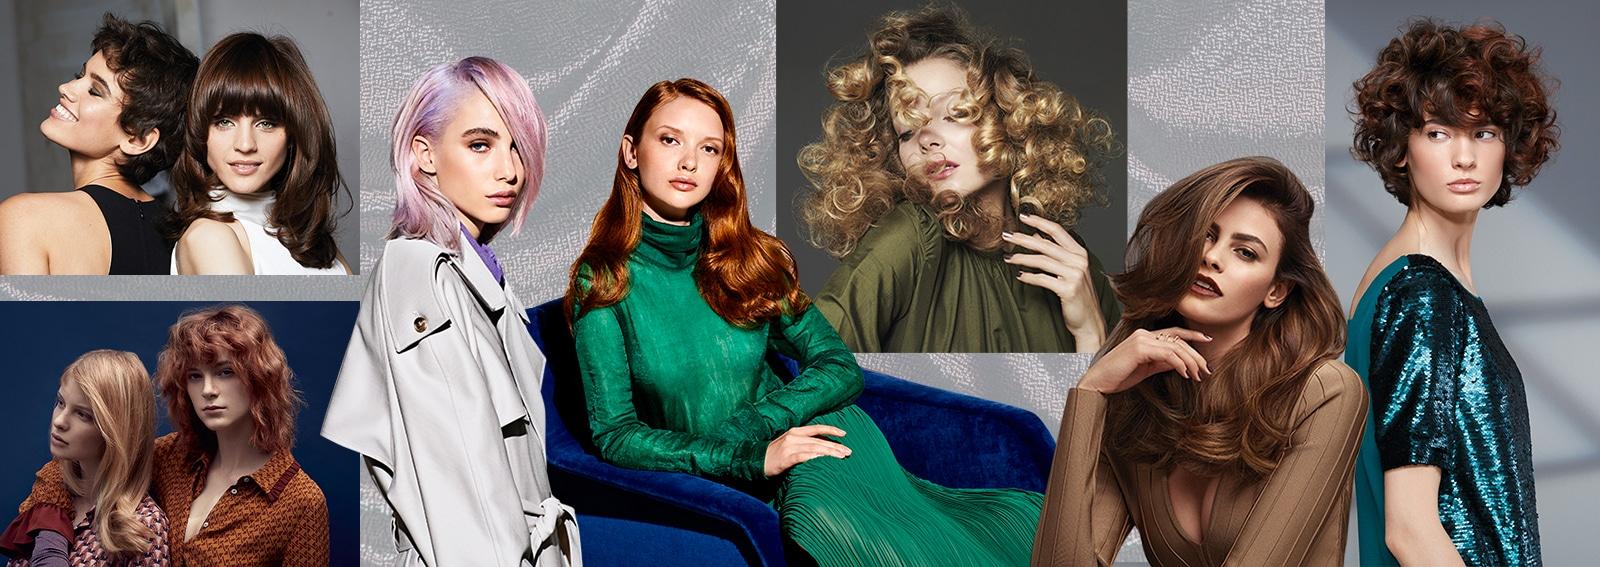 tagli capelli saloni autunno inverno 2017 2018 collage_desktop